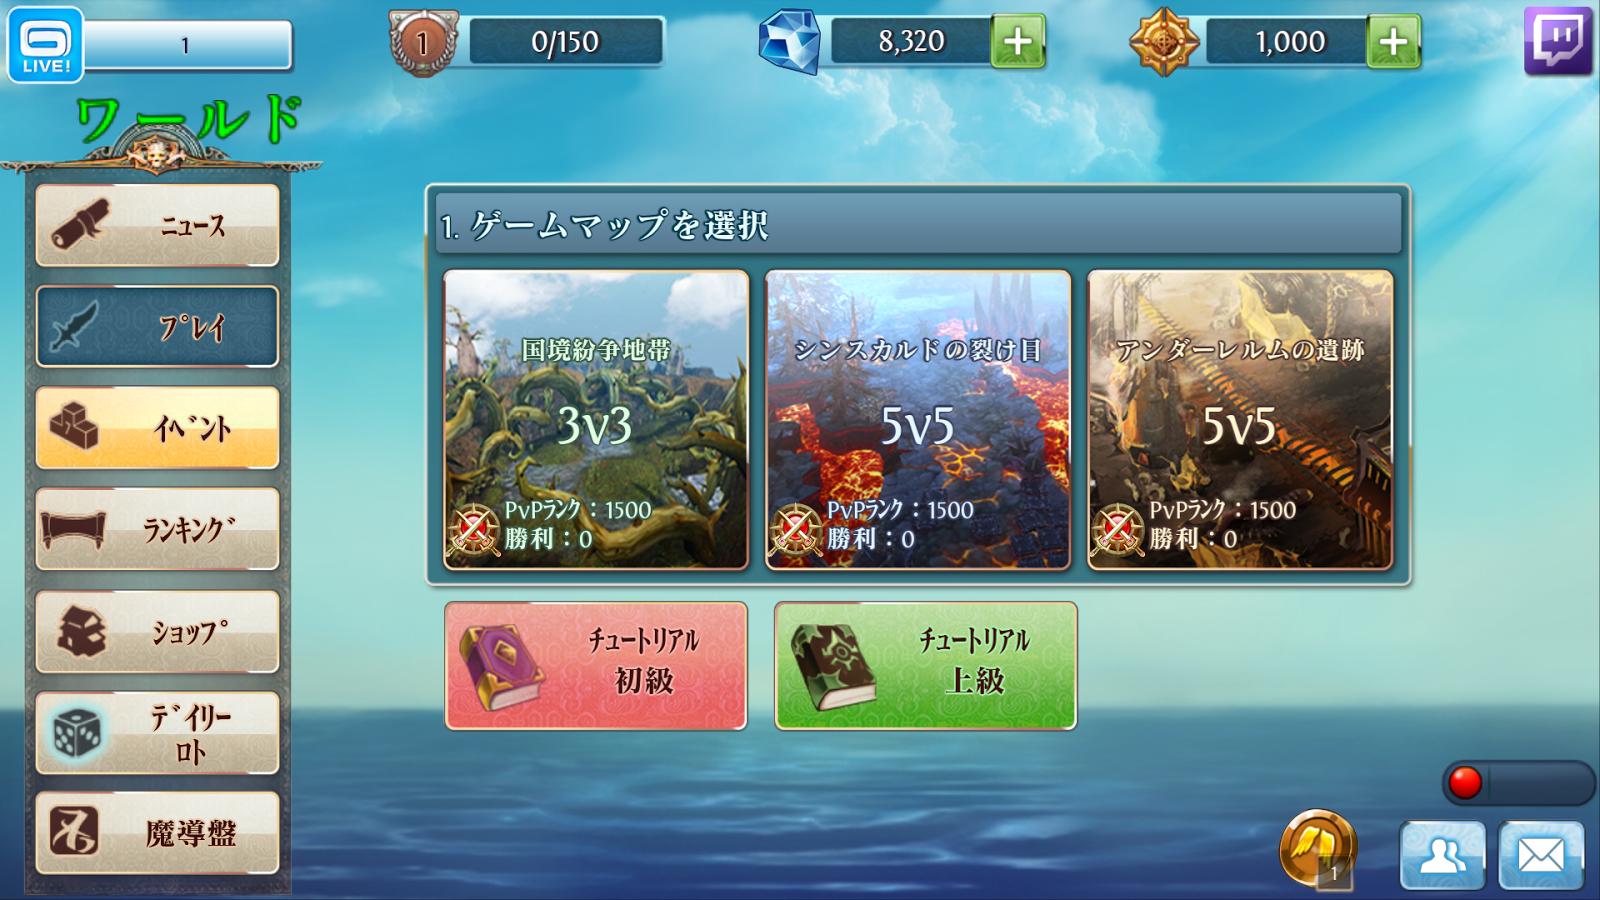 ヒーローズ・オブ・オーダー&カオス - screenshot